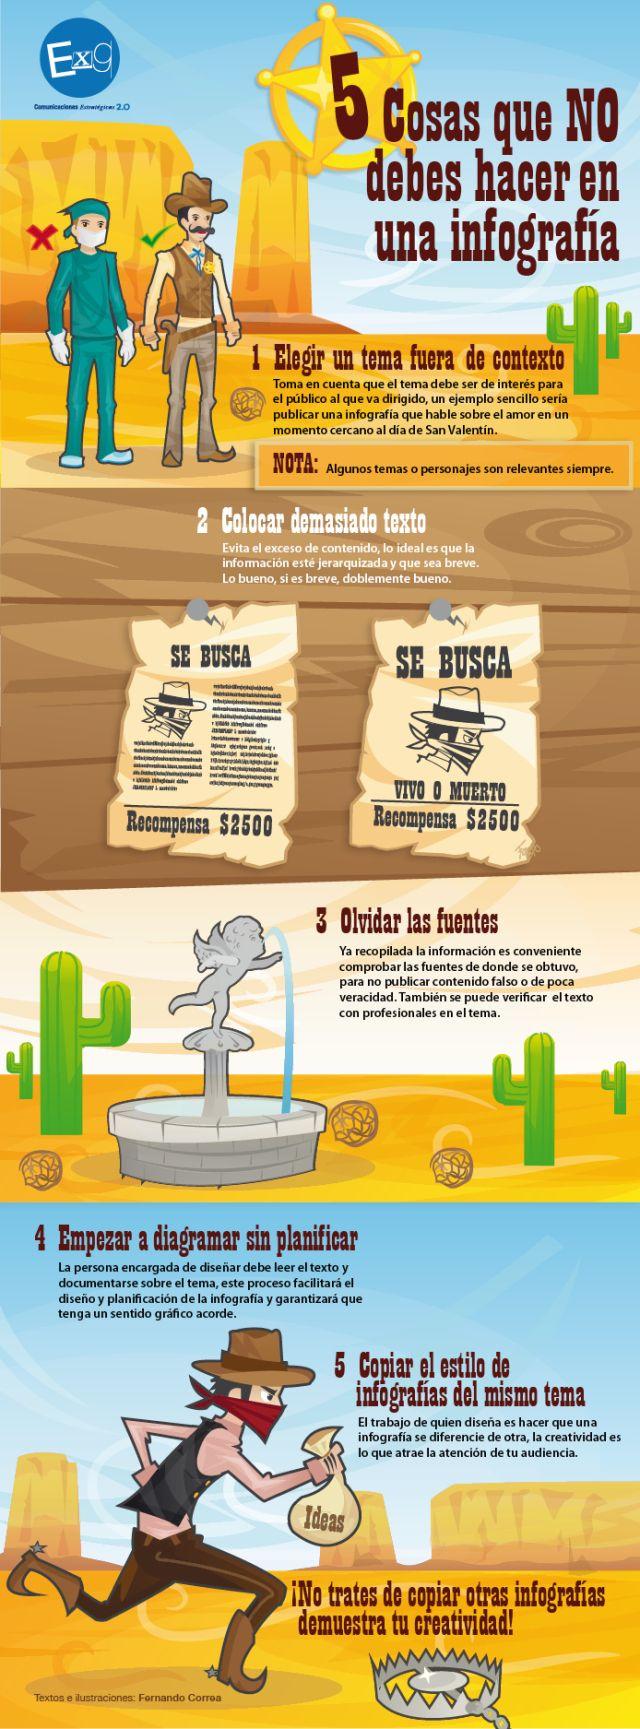 5 cosas que no debes hacer en una infografía